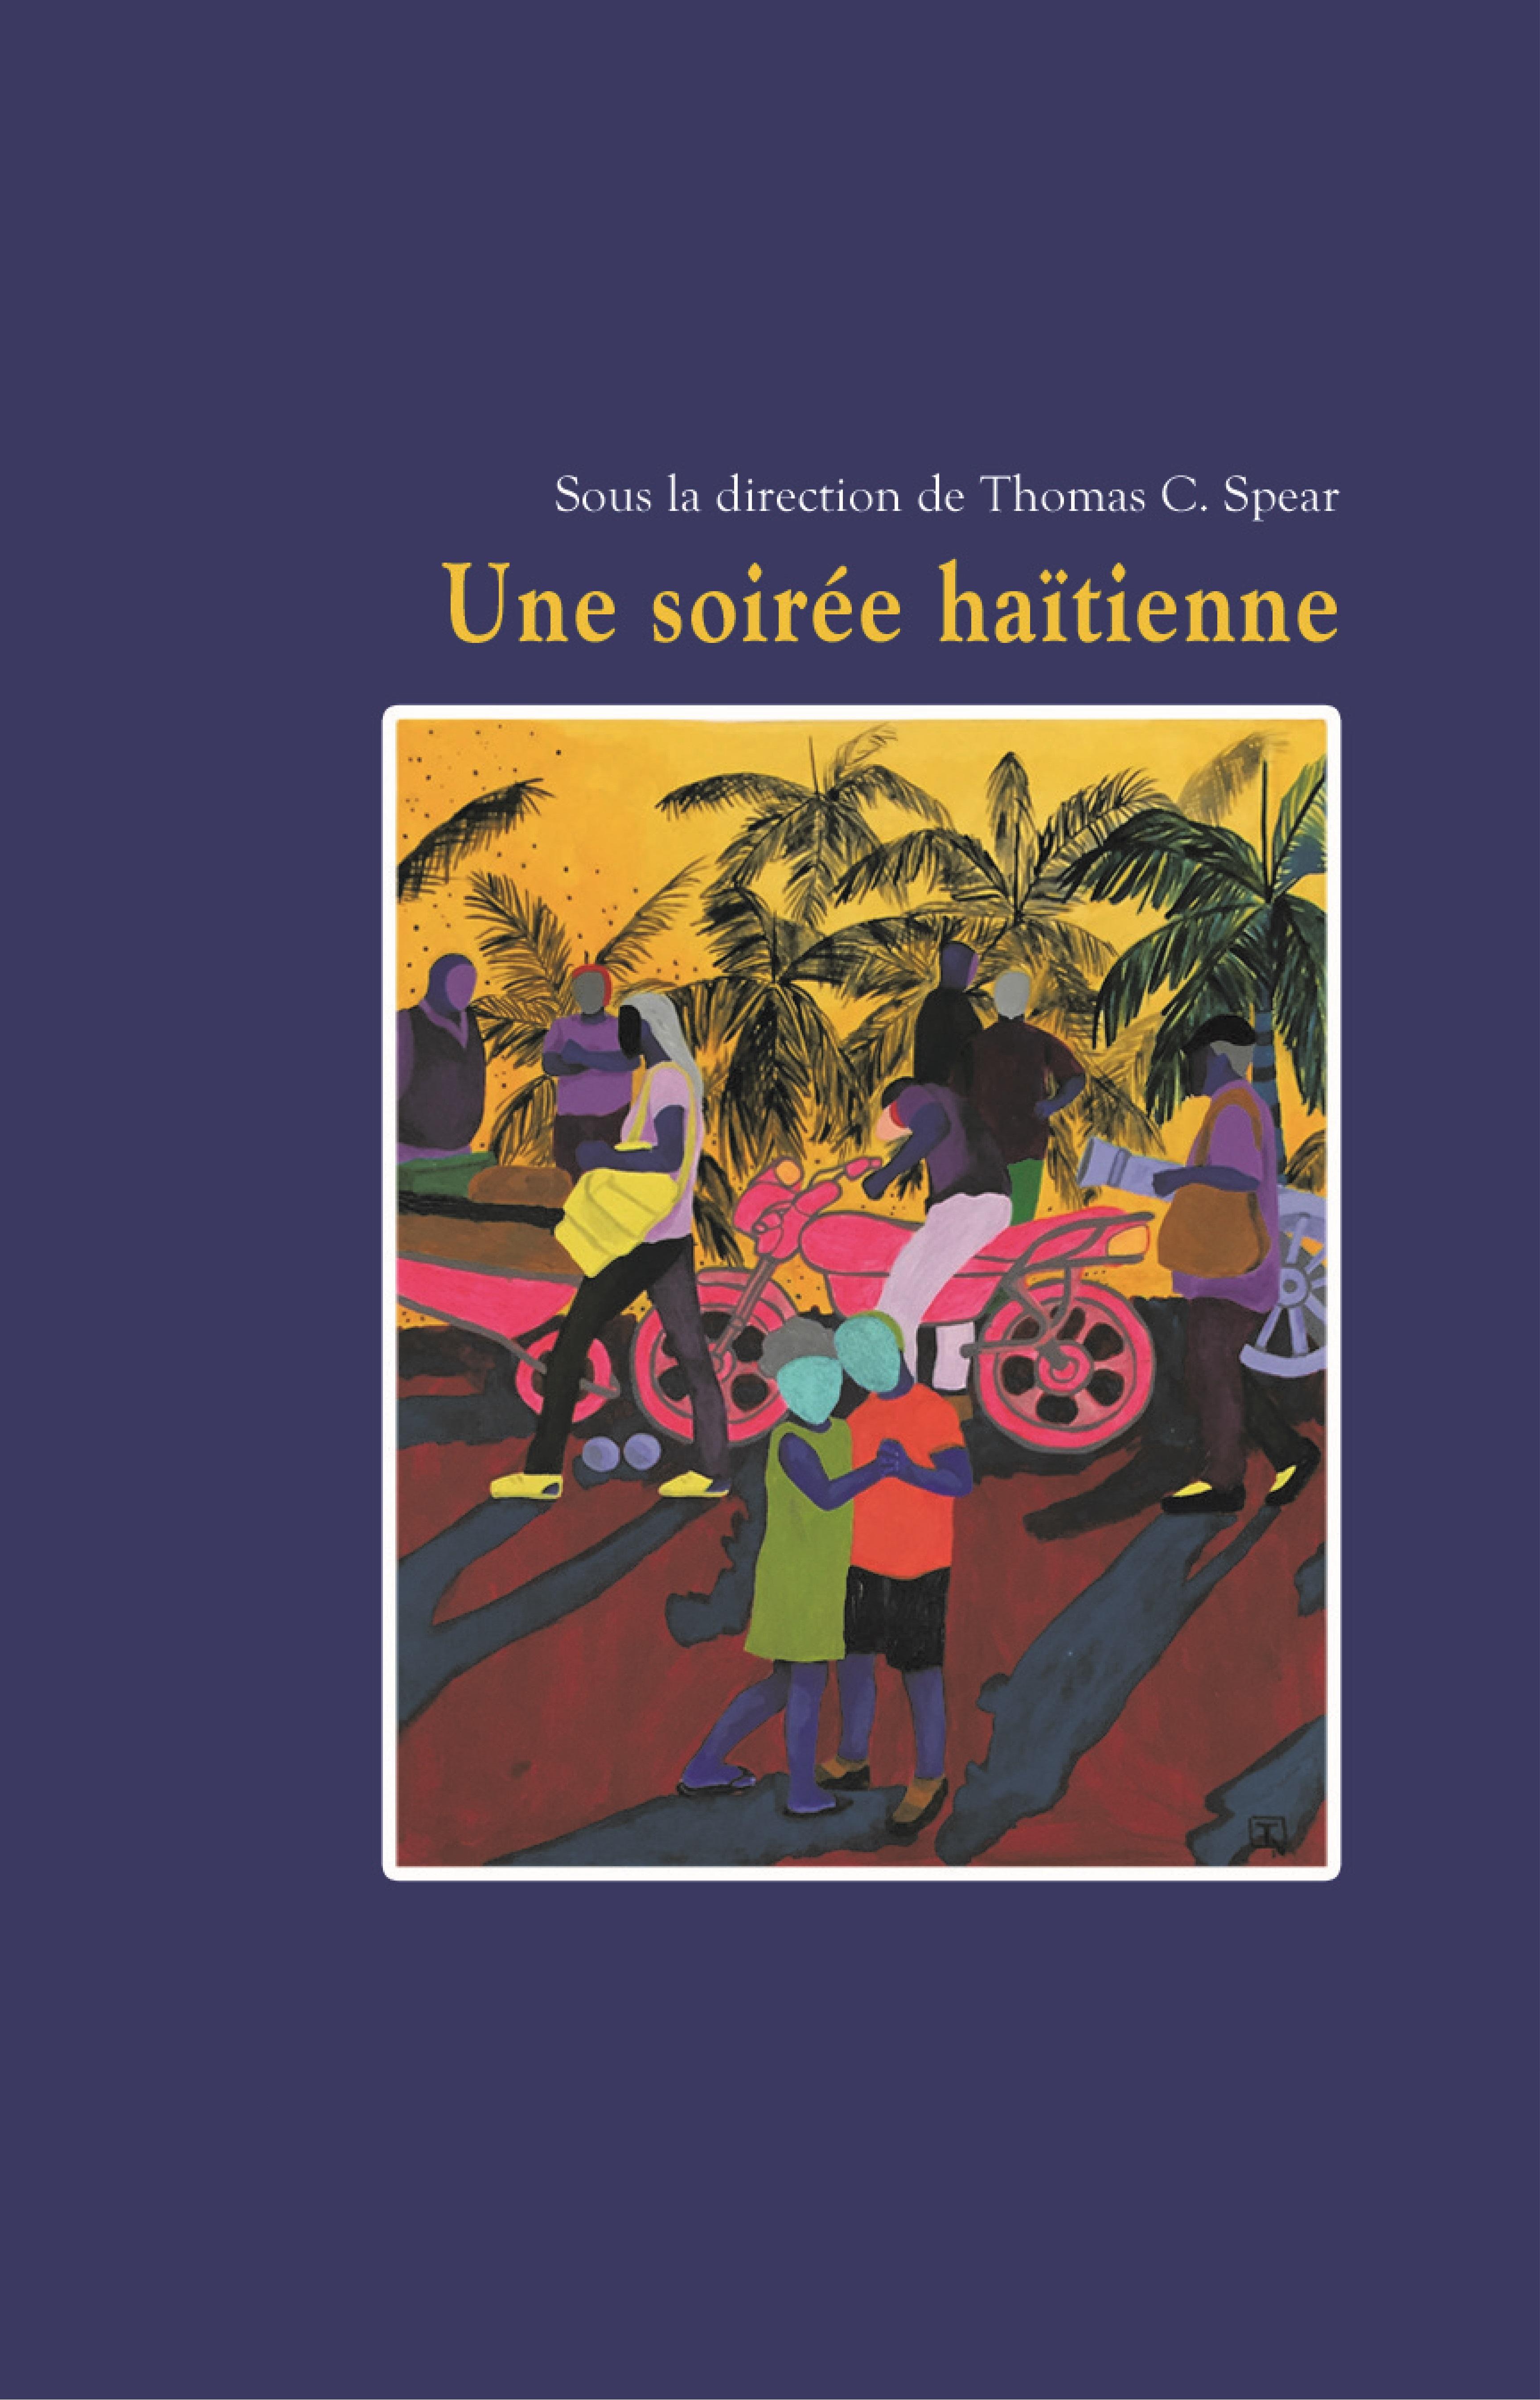 Une Soirée haïtienne